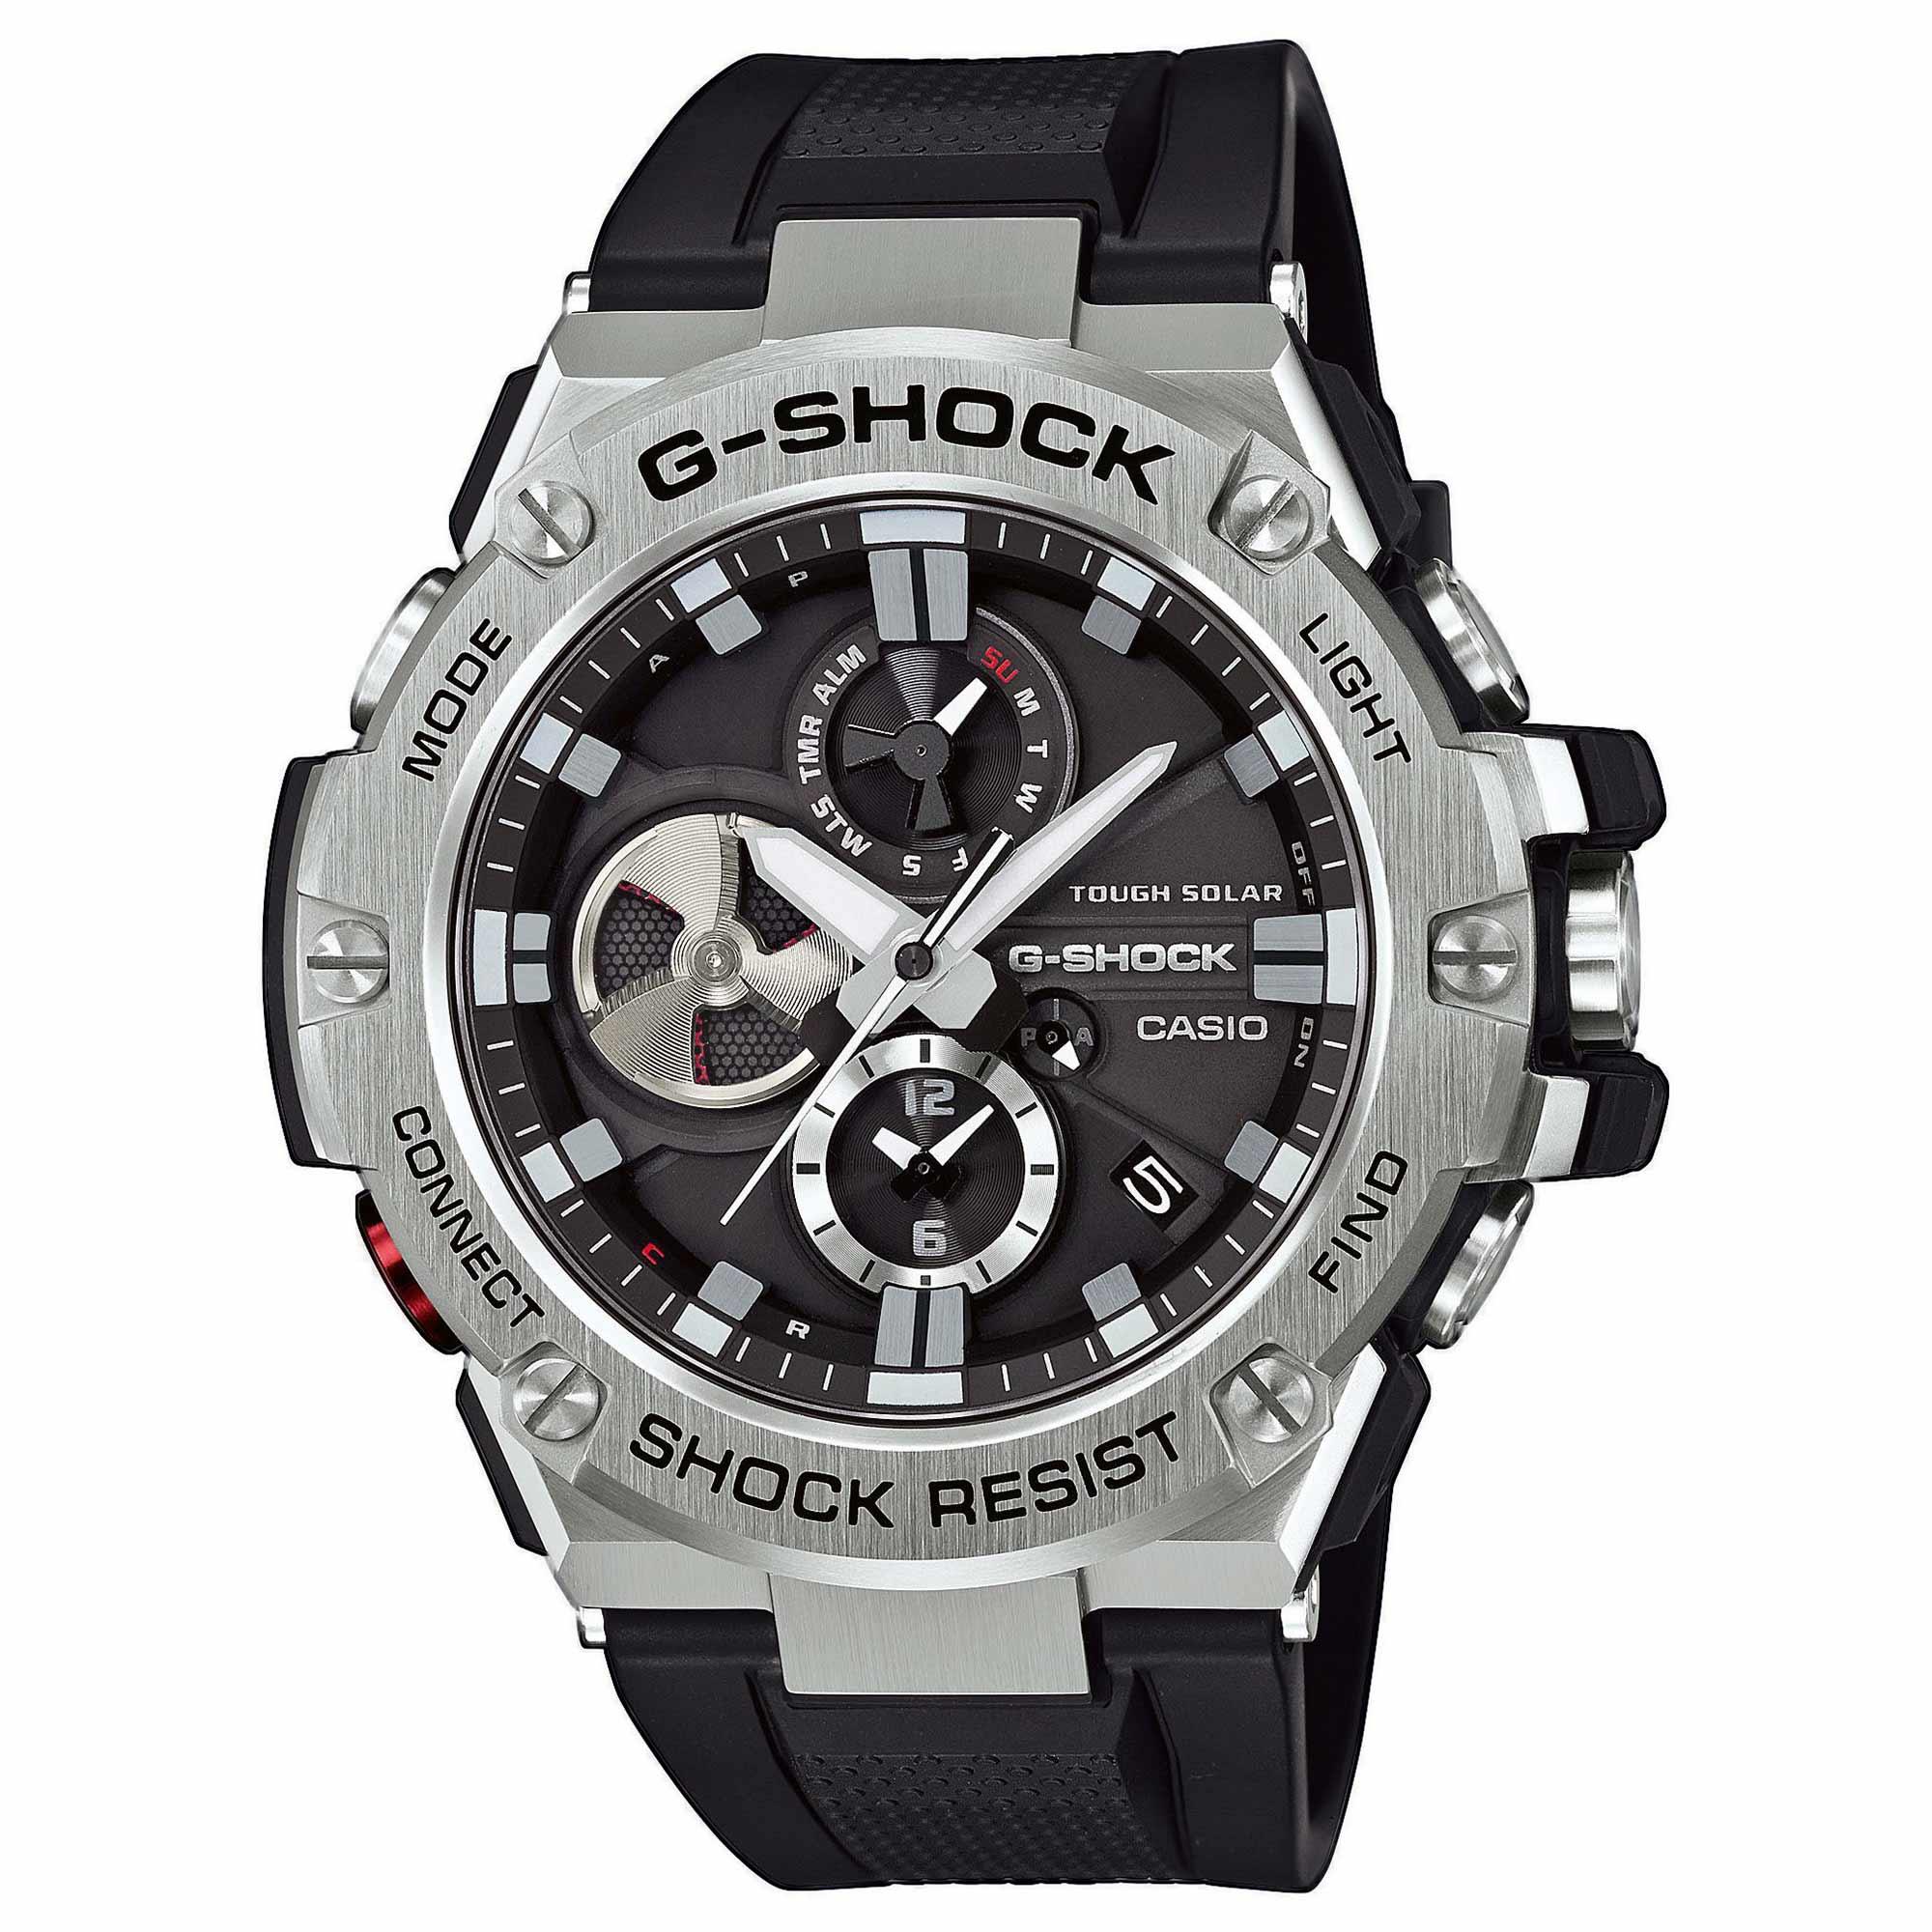 Acheter Casio Montre G Shock G Steel GST B100 1AER argent noir c  PzAXh